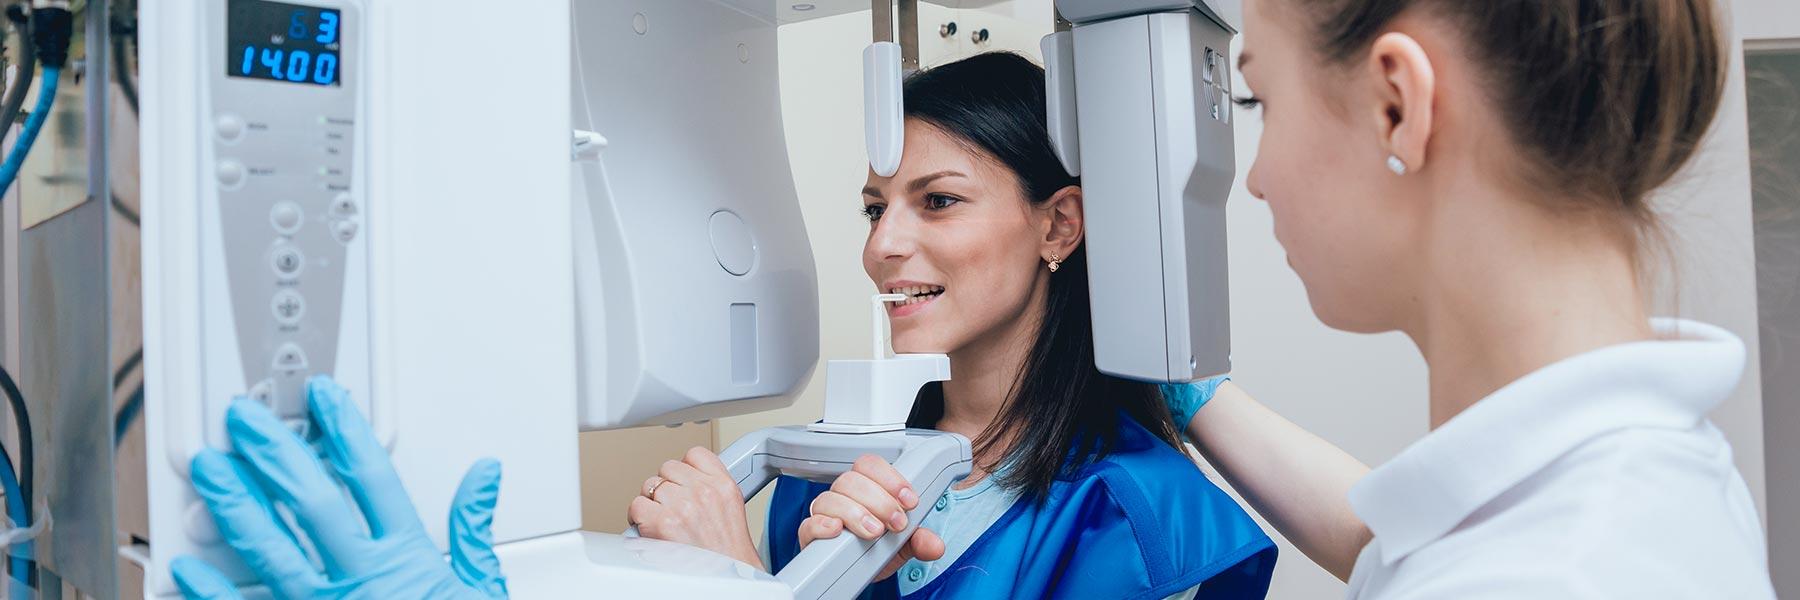 dentista_reggiolo_readiologia